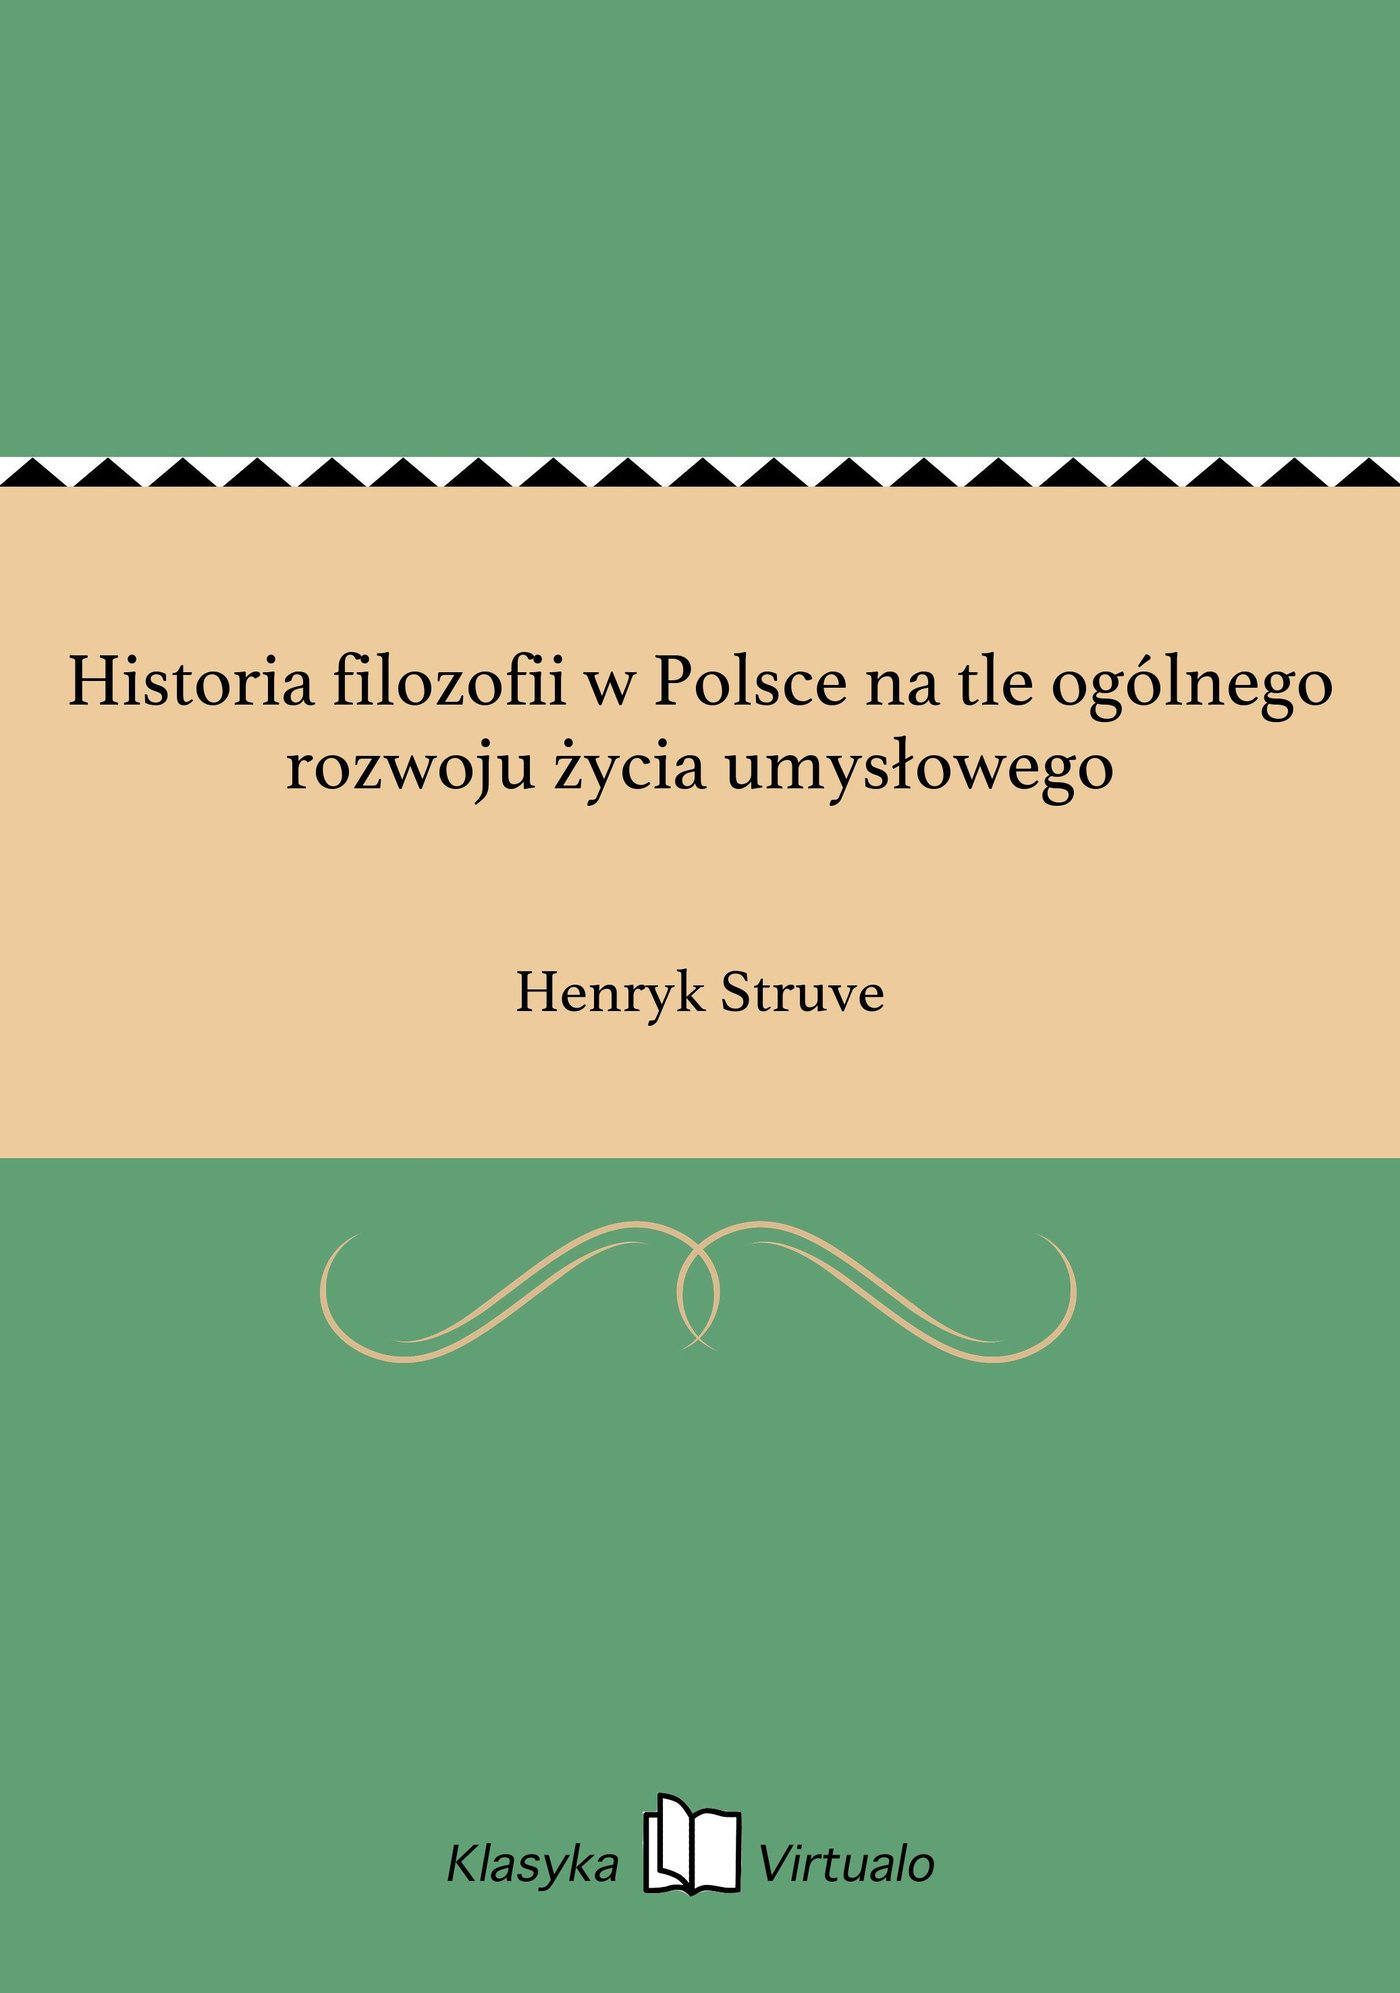 Historia filozofii w Polsce na tle ogólnego rozwoju życia umysłowego - Ebook (Książka EPUB) do pobrania w formacie EPUB